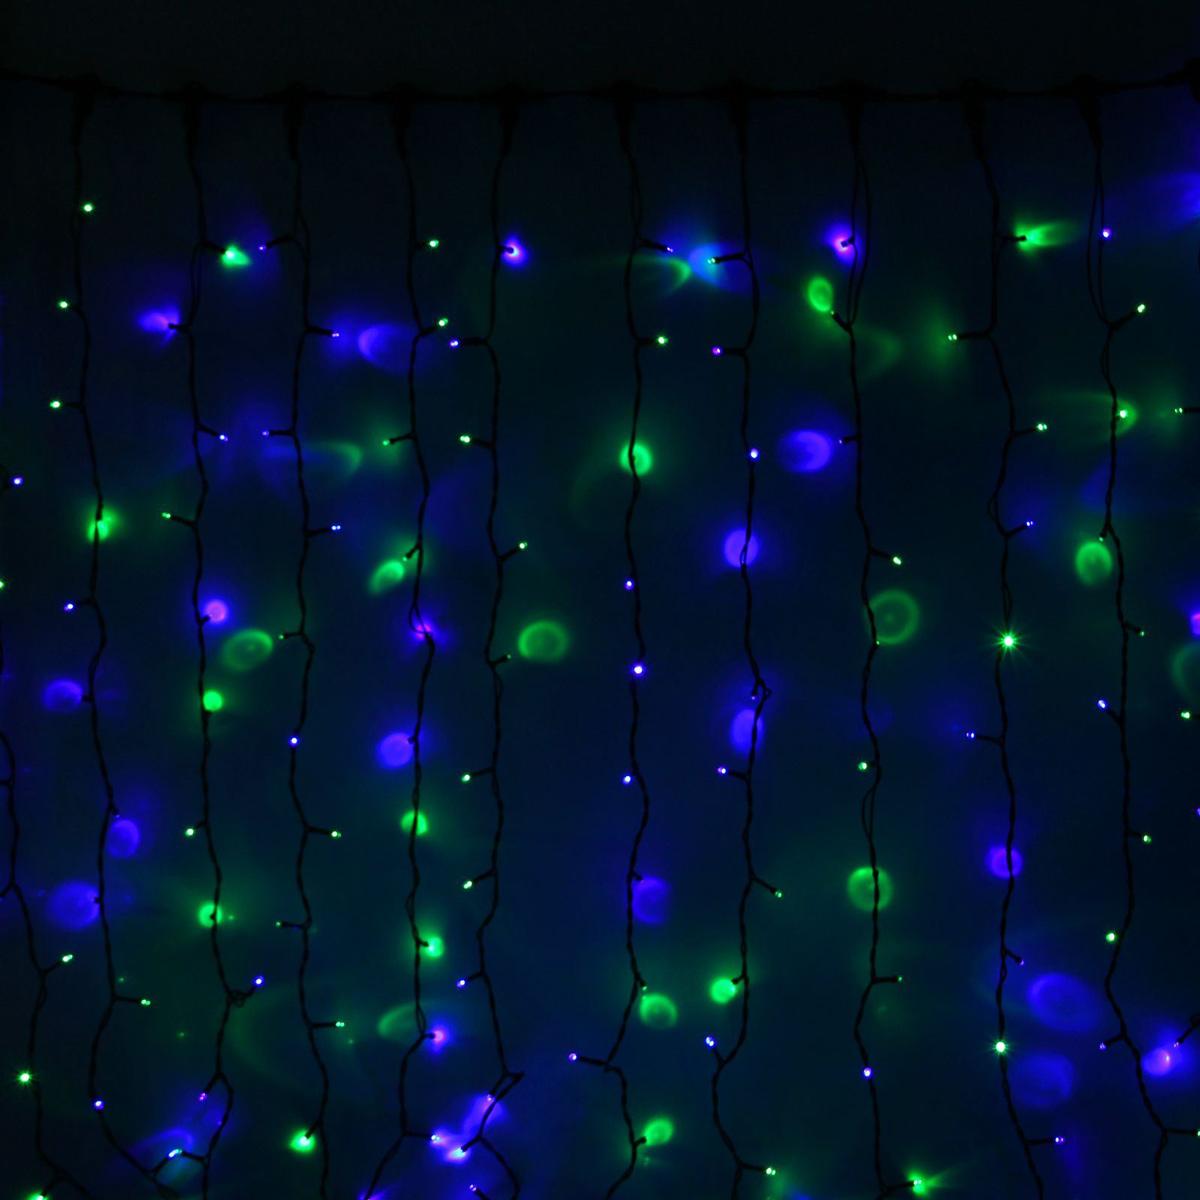 Гирлянда светодиодная Luazon Занавес, цвет: мультиколор, уличная, 1440 ламп, 220 V, 2 х 6 м. 10802851080285Гирлянда светодиодная Luazon Занавес - это отличный вариант для новогоднего оформления интерьера или фасада. С ее помощью помещение любого размера можно превратить в праздничный зал, а внешние элементы зданий, украшенные гирляндой, мгновенно станут напоминать очертания сказочного дворца. Такое украшение создаст ауру предвкушения чуда. Деревья, фасады, витрины, окна и арки будто специально созданы, чтобы вы украсили их светящимися нитями.